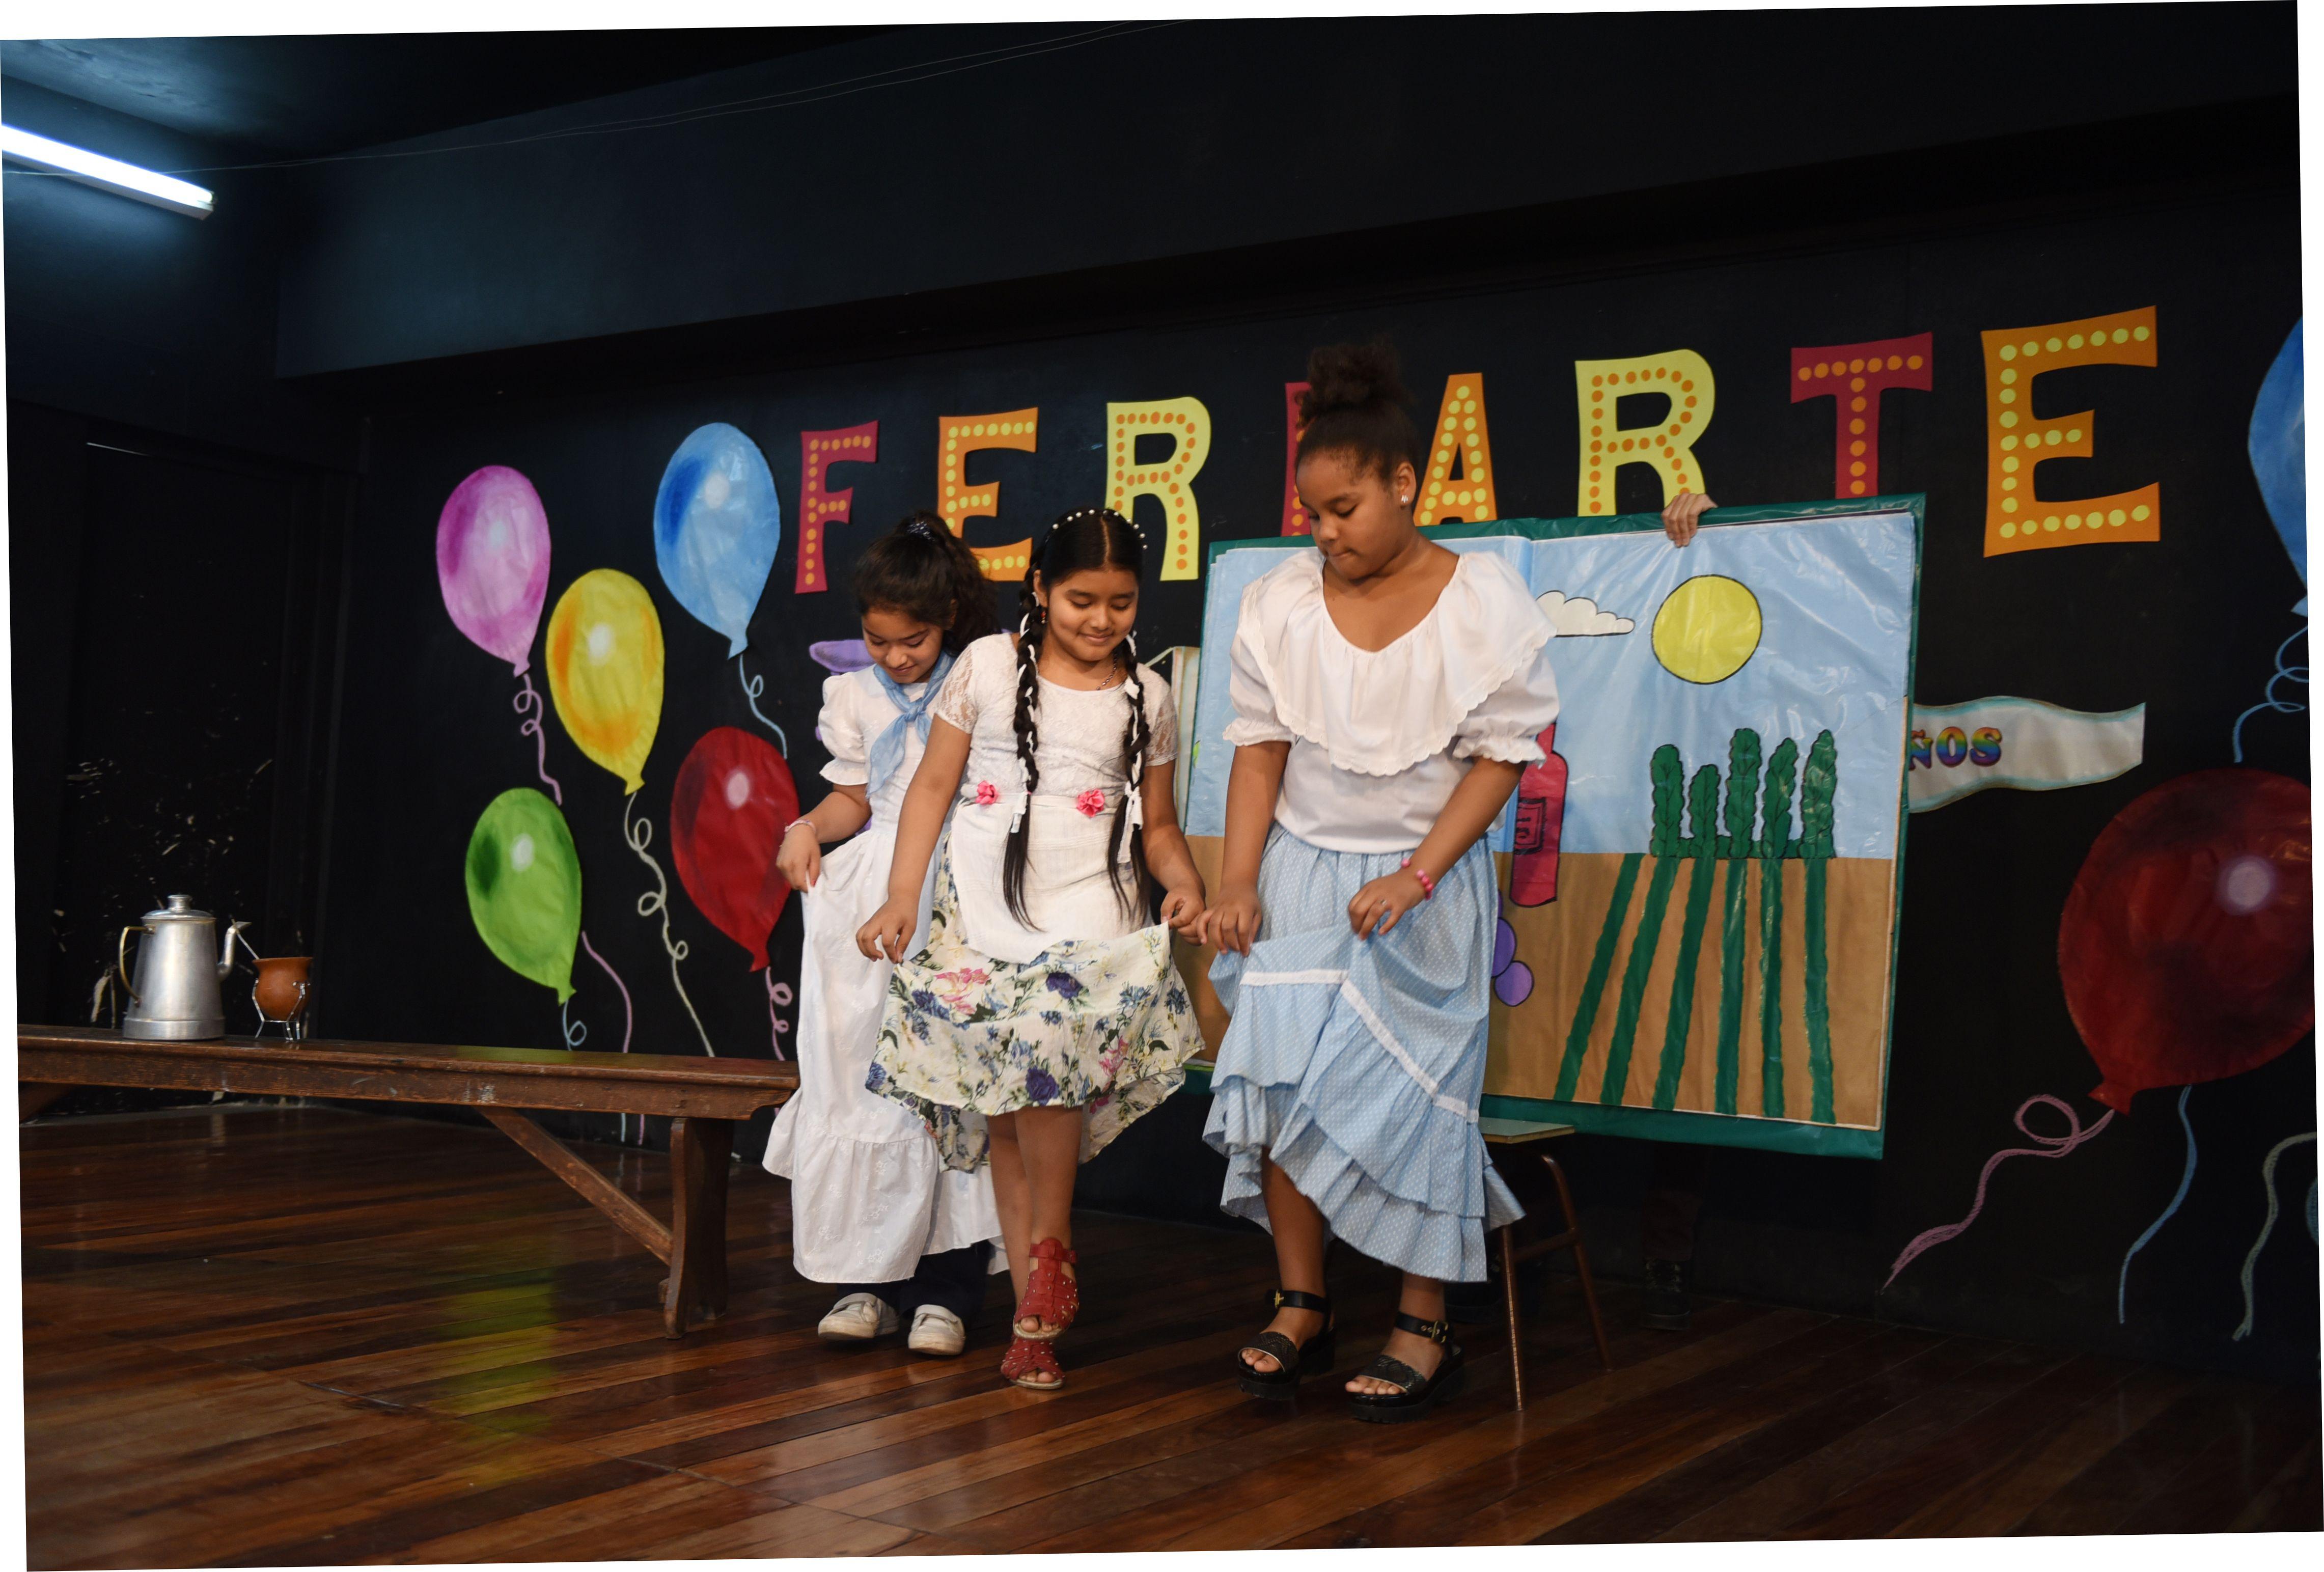 Una jornada donde el protagonismo se lo llevaron los chicos y chicas de la primaria de Moreno al 900.(Celina Mutti Lovera / La Capital)